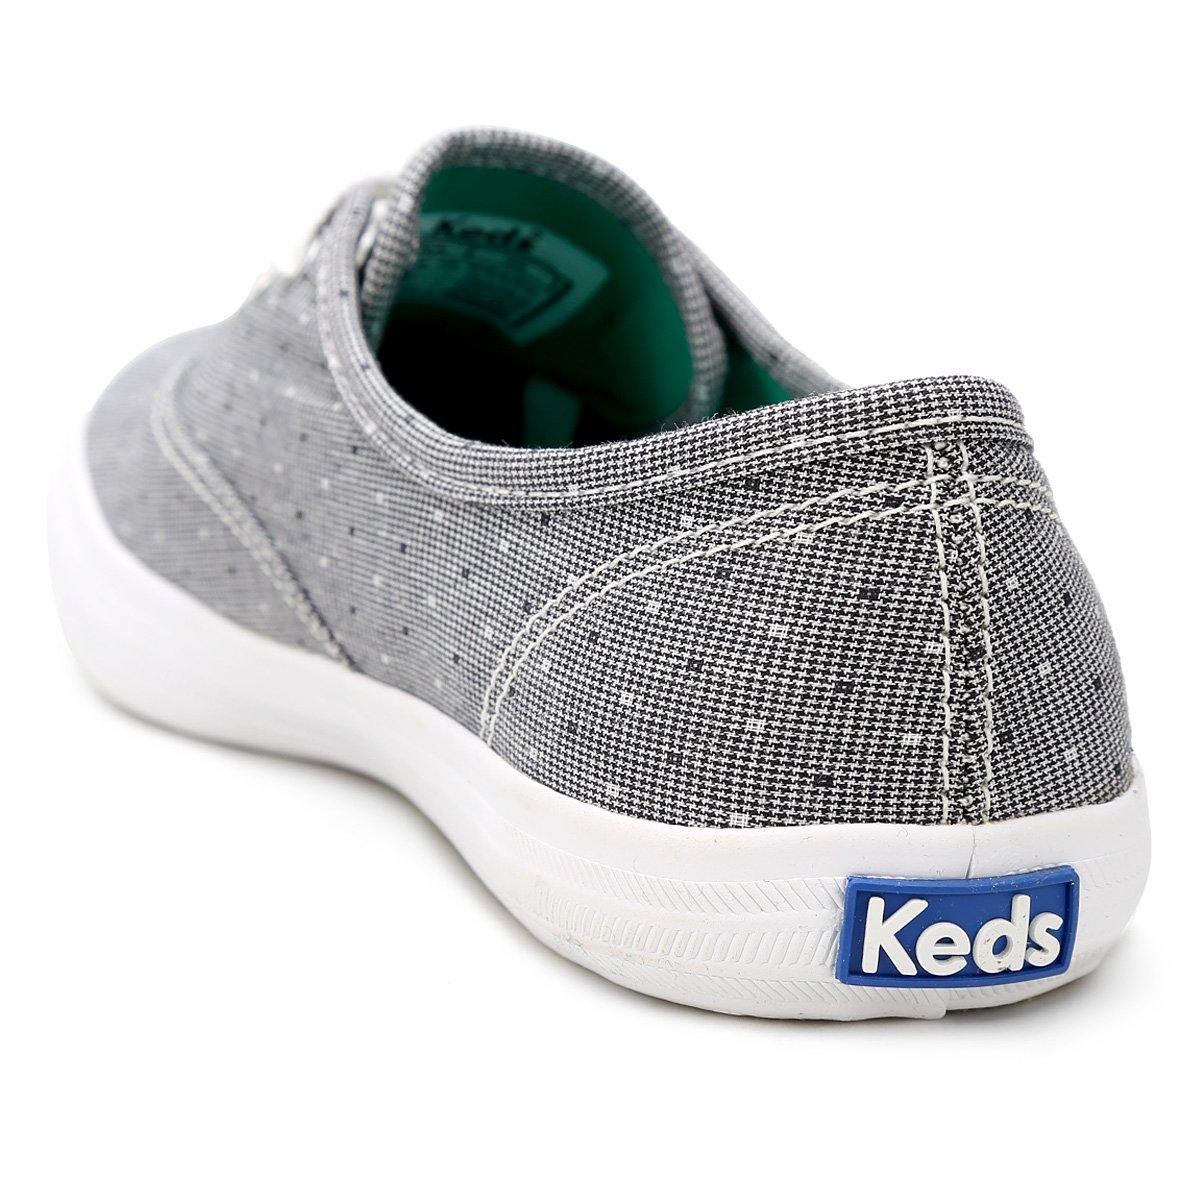 80e4e3f0ed3 Tênis Keds Champion Tramado Feminino - Preto e Branco - Compre Agora ...